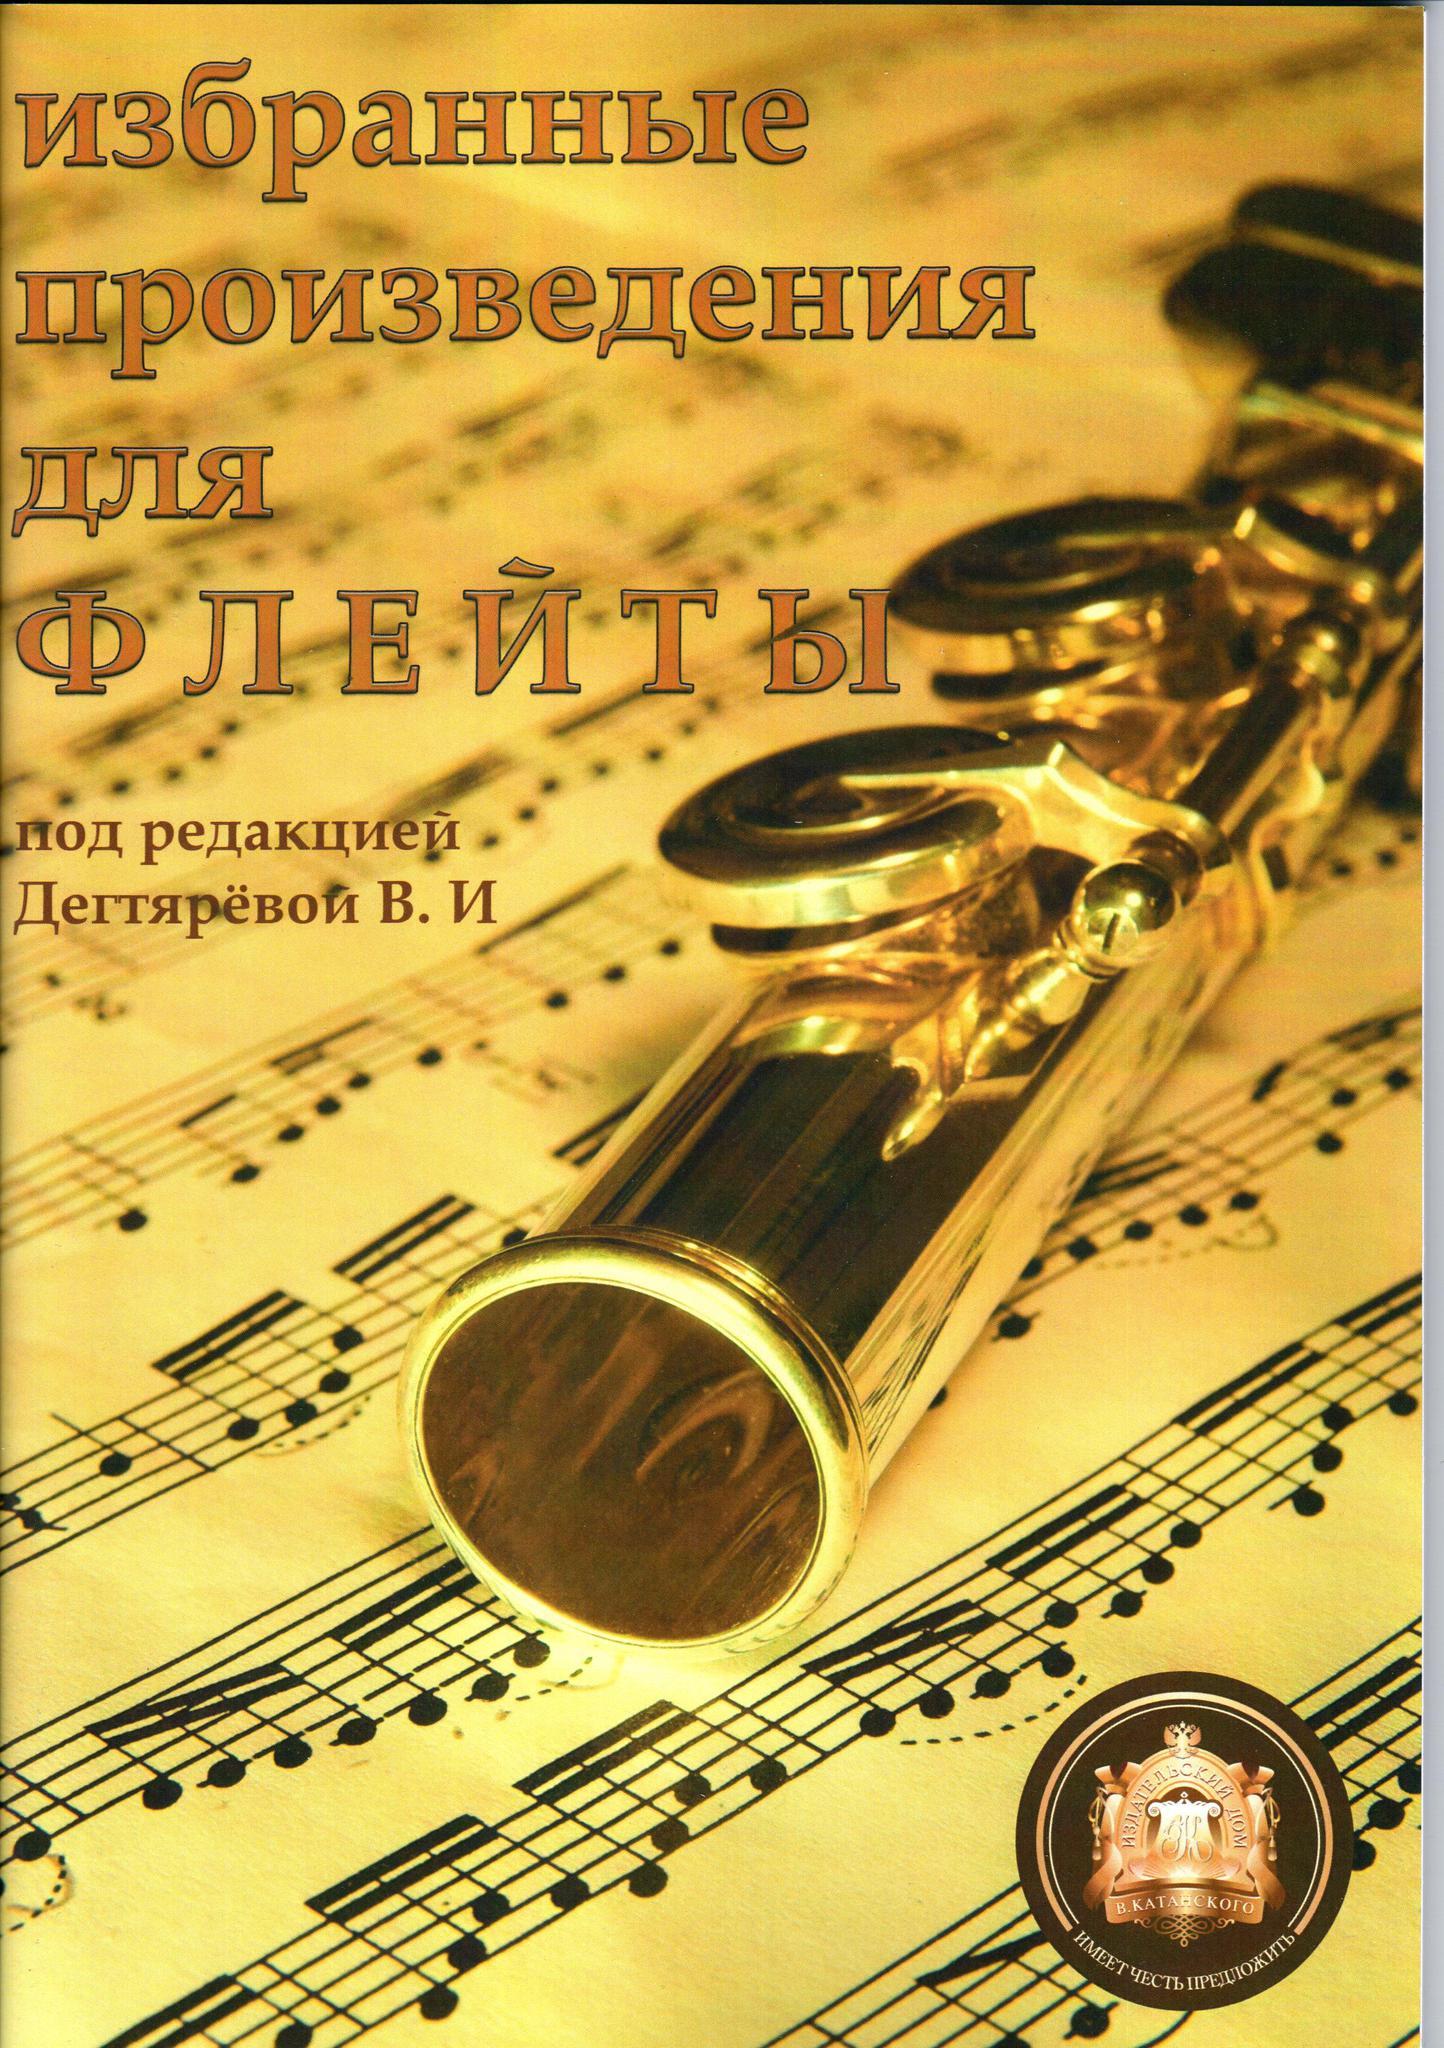 Избранные произведения для флейты. Под редакцией Дягтеревой.